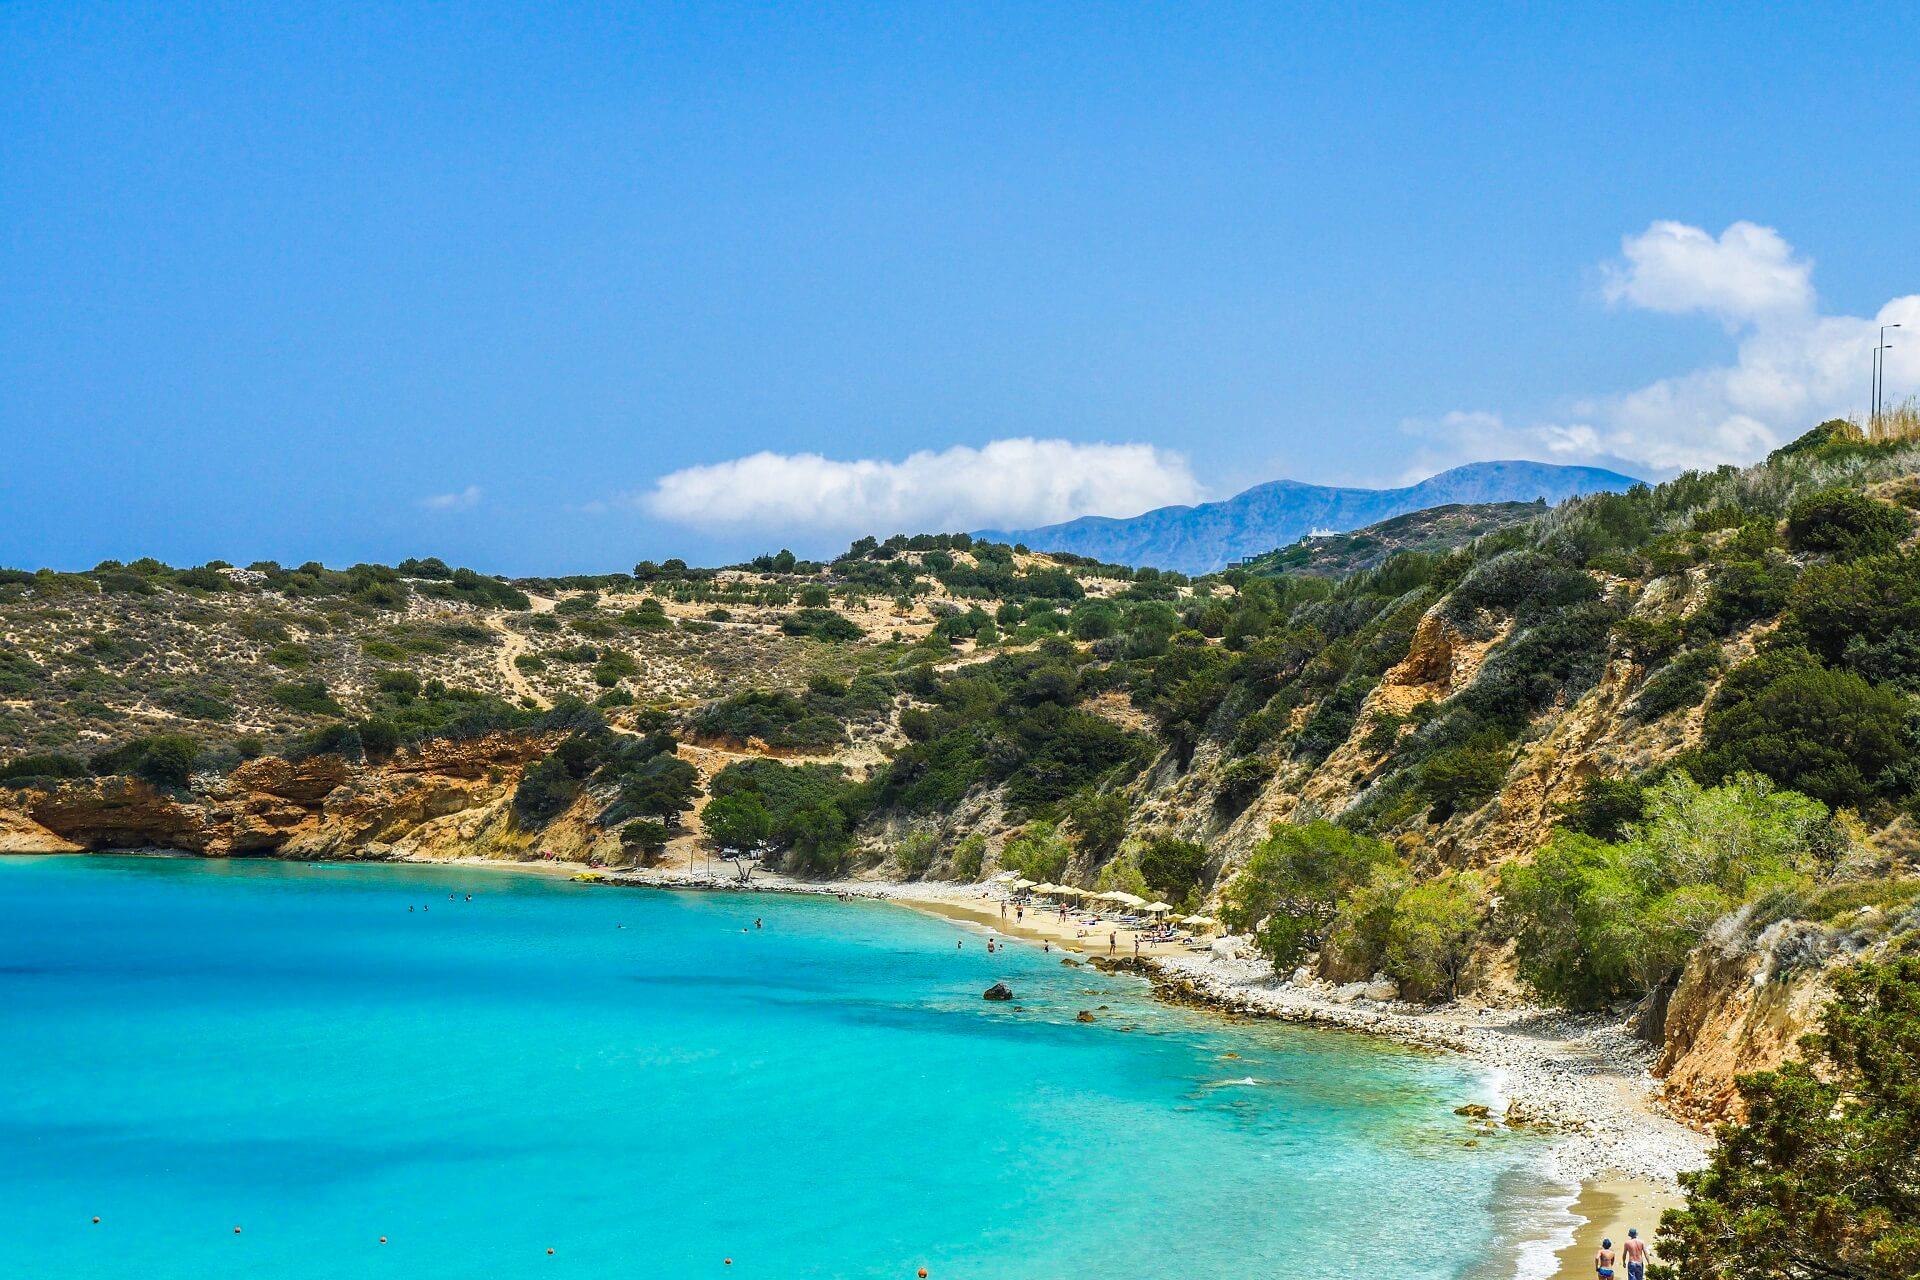 Voulisma Beach Lasithi Allincrete Travel Guide For Crete